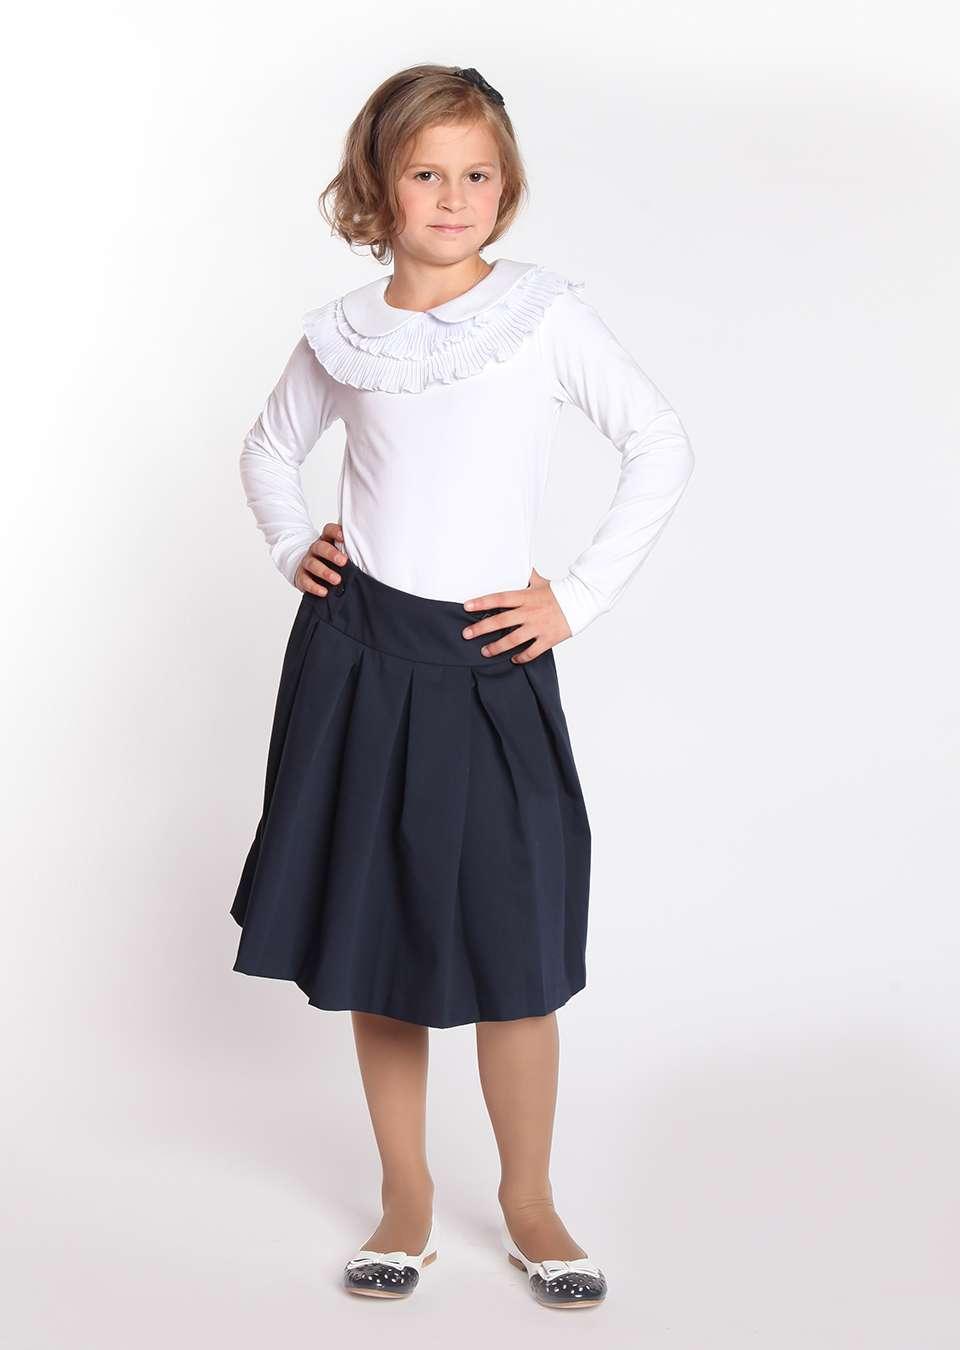 Блузка Жабо школьная для девочек